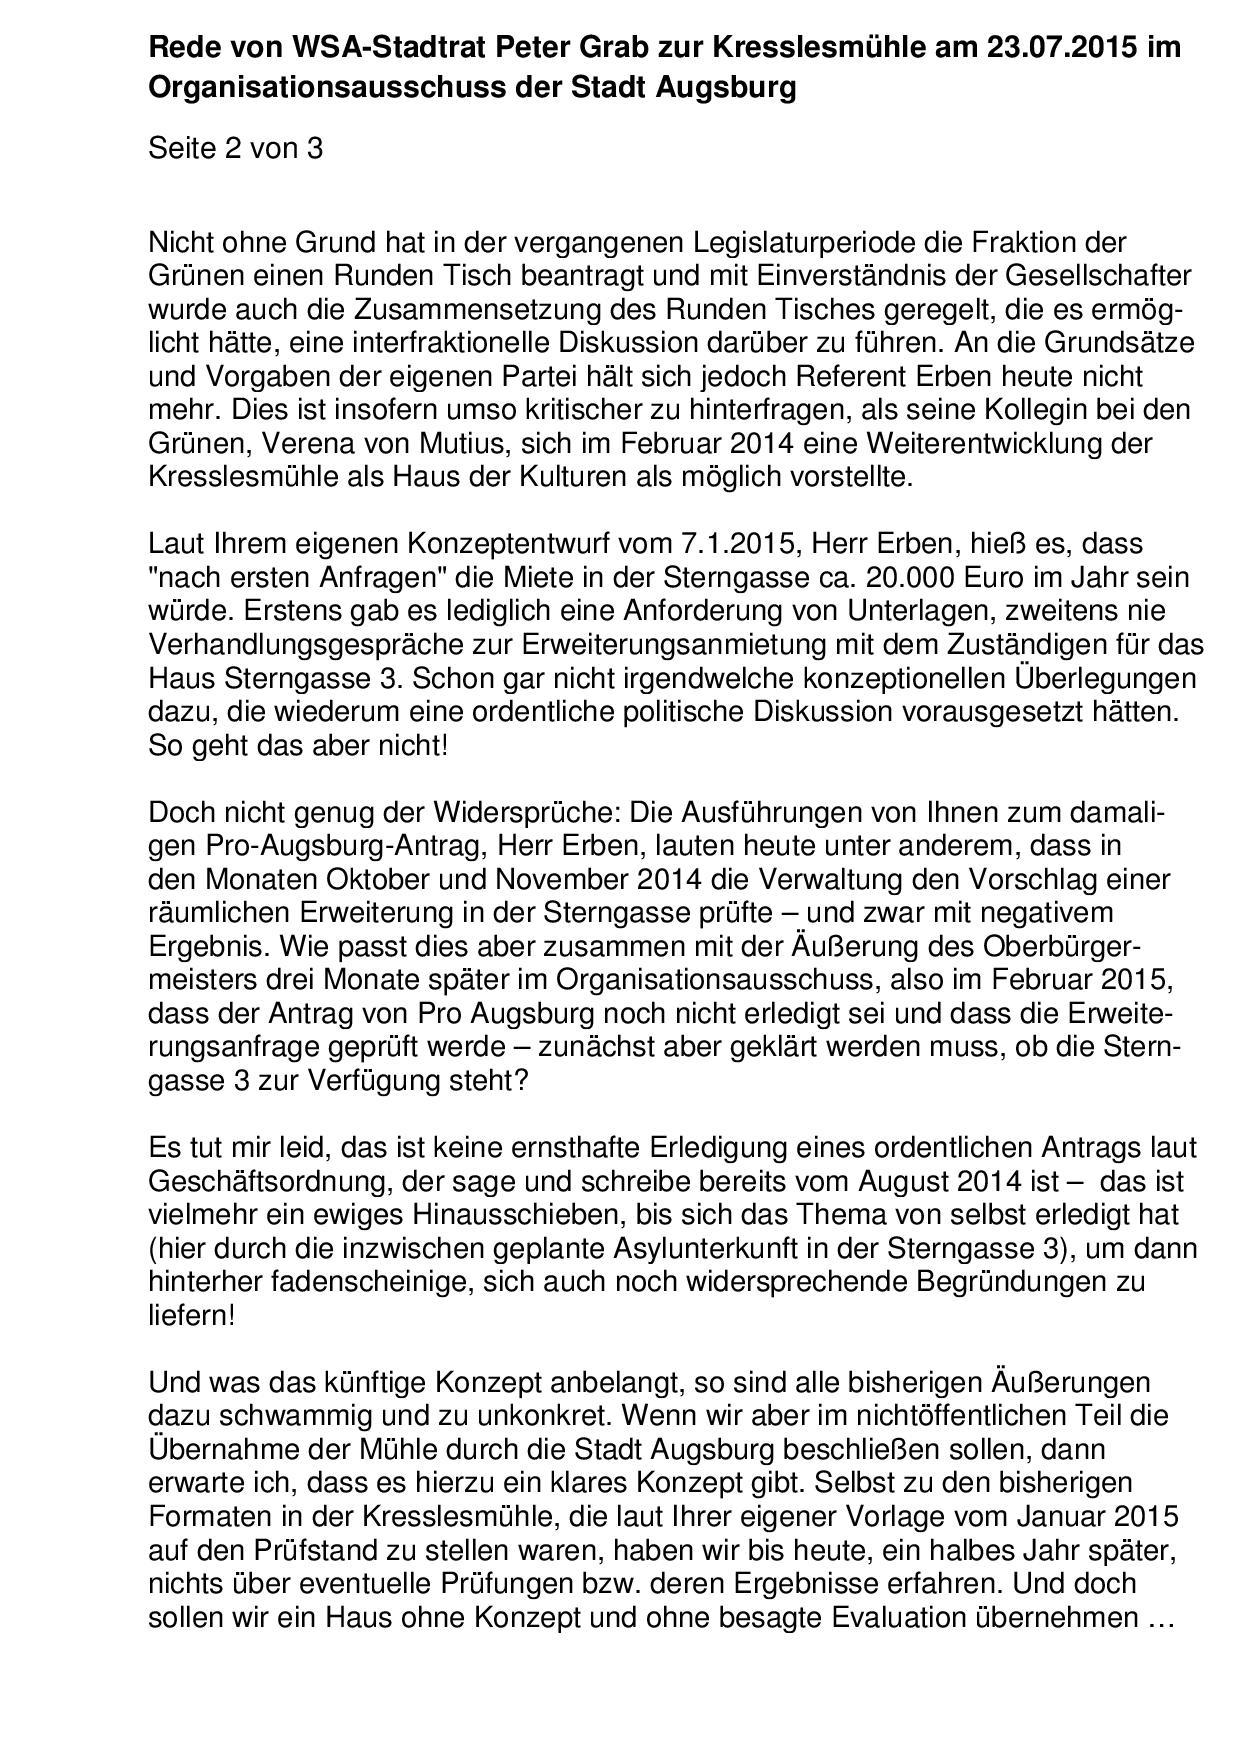 Rede zur Kresslesmühle am 23.07.2015 im Organisationsausschuss-002